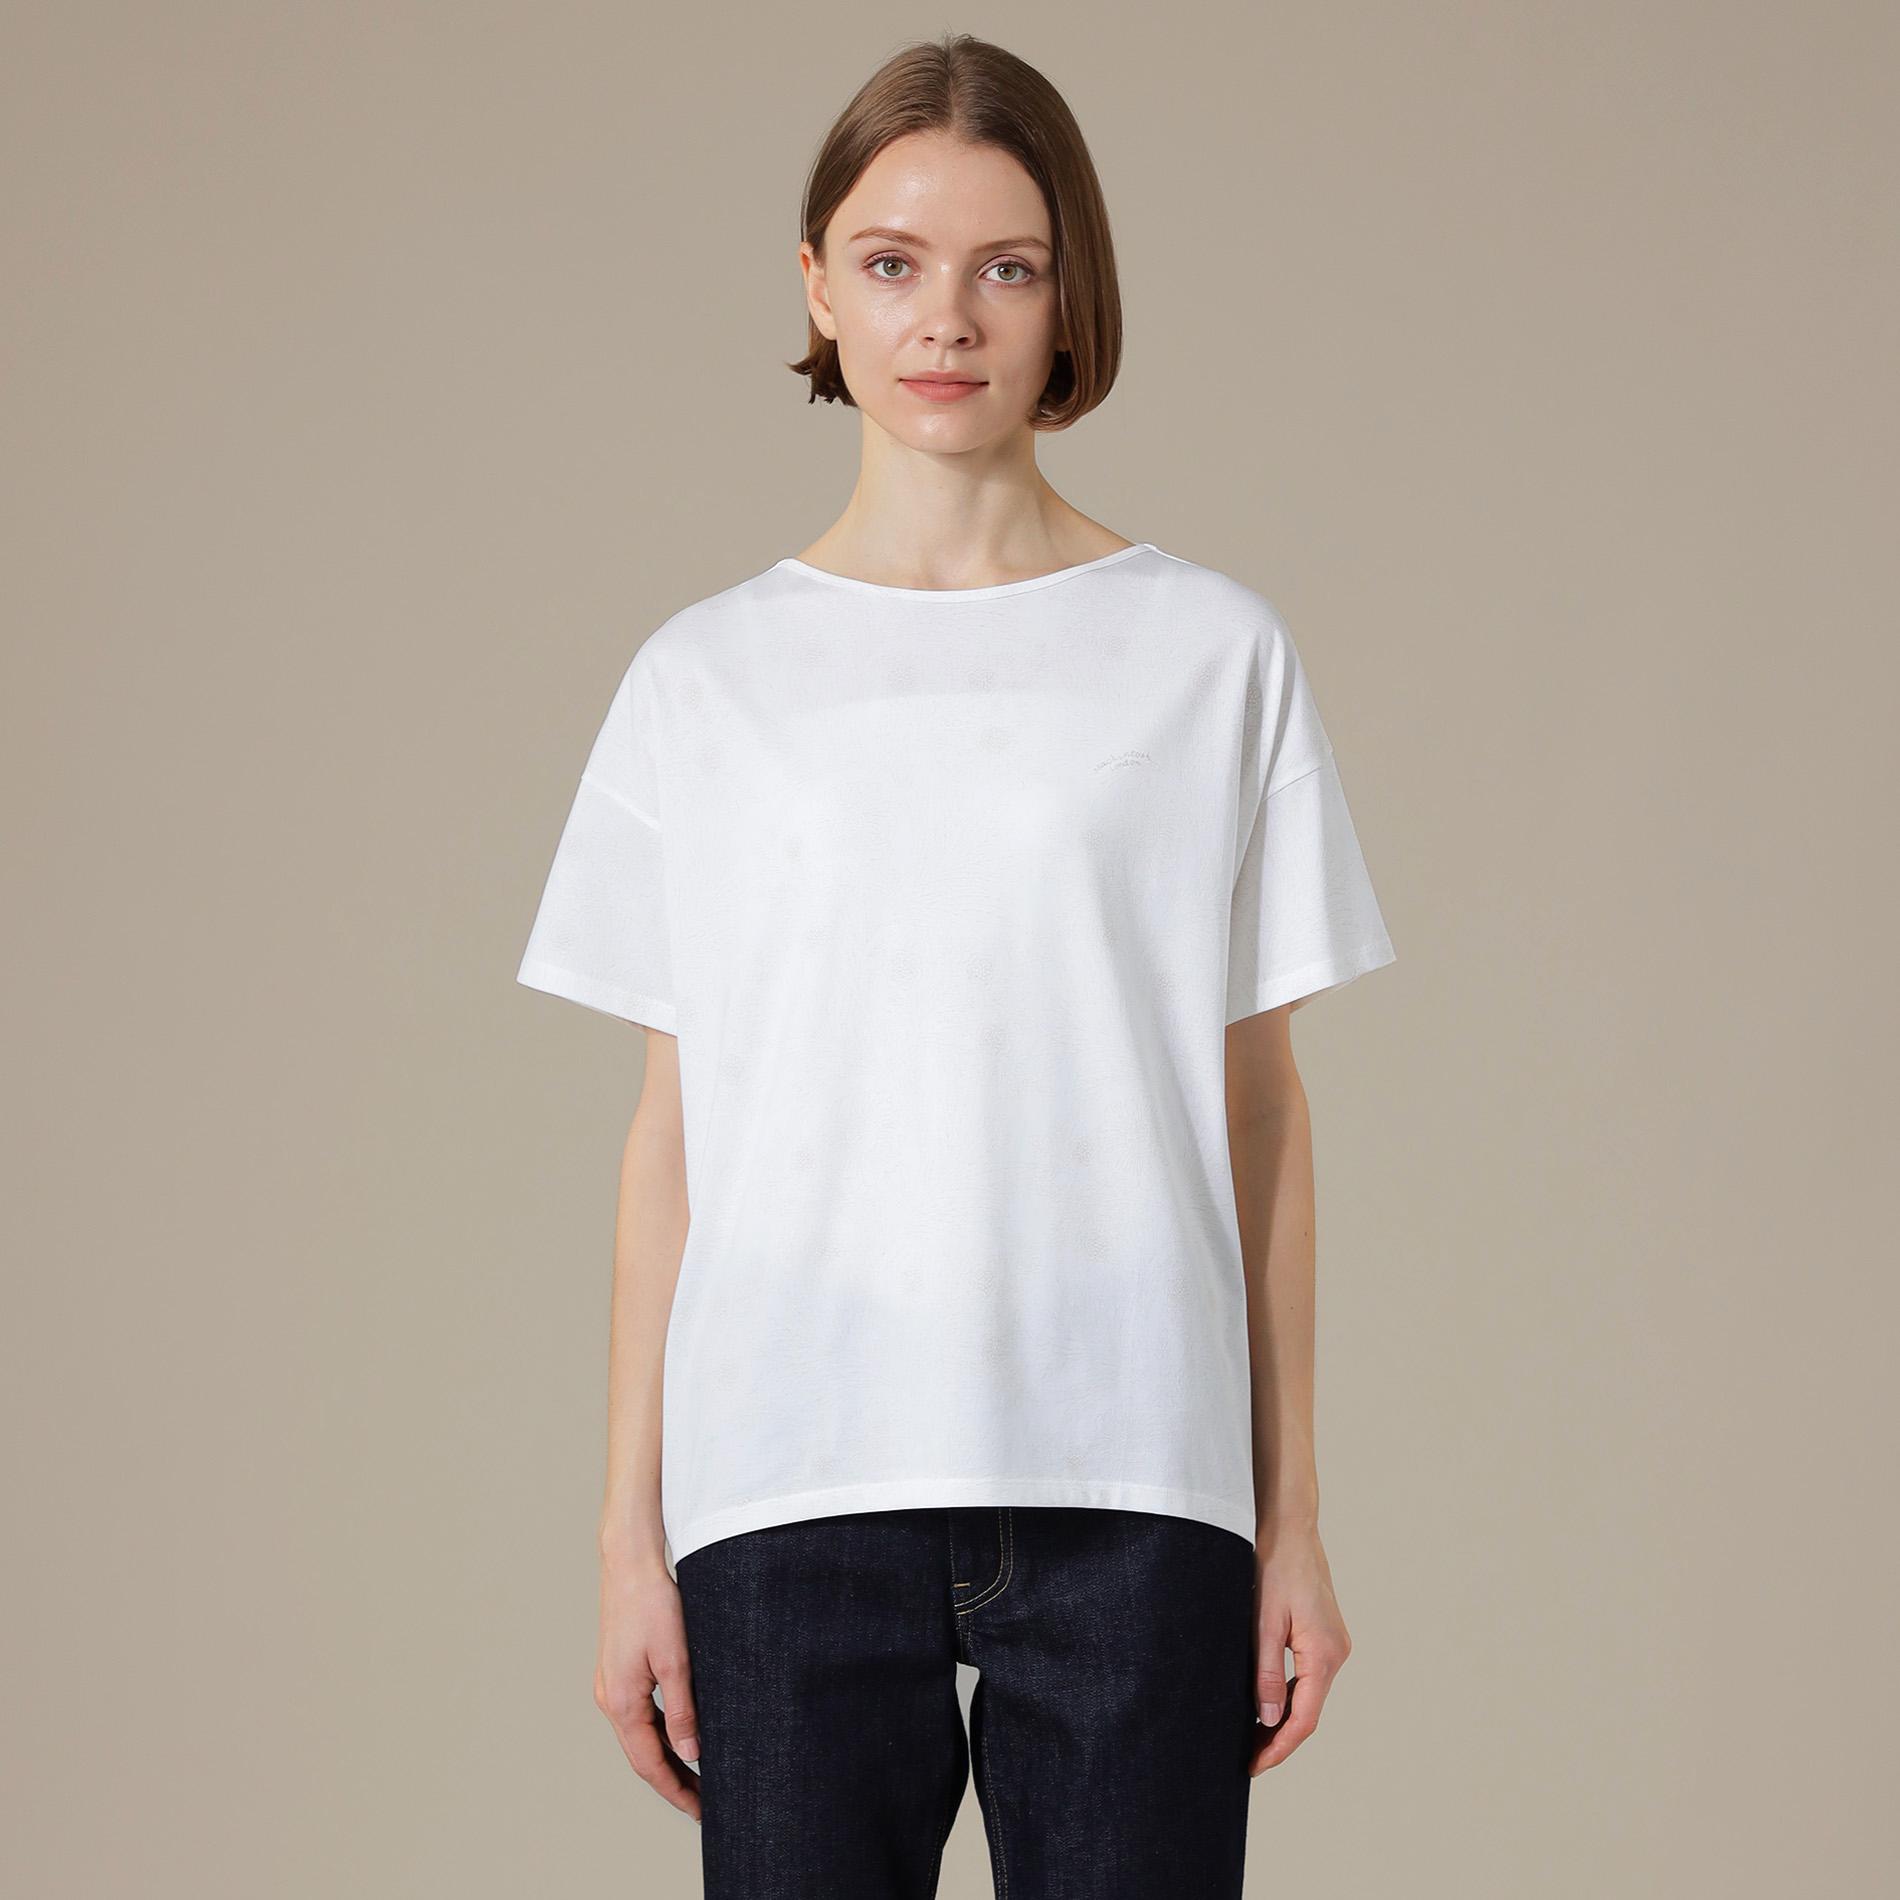 ドローイングドットバイブリープリントTシャツ